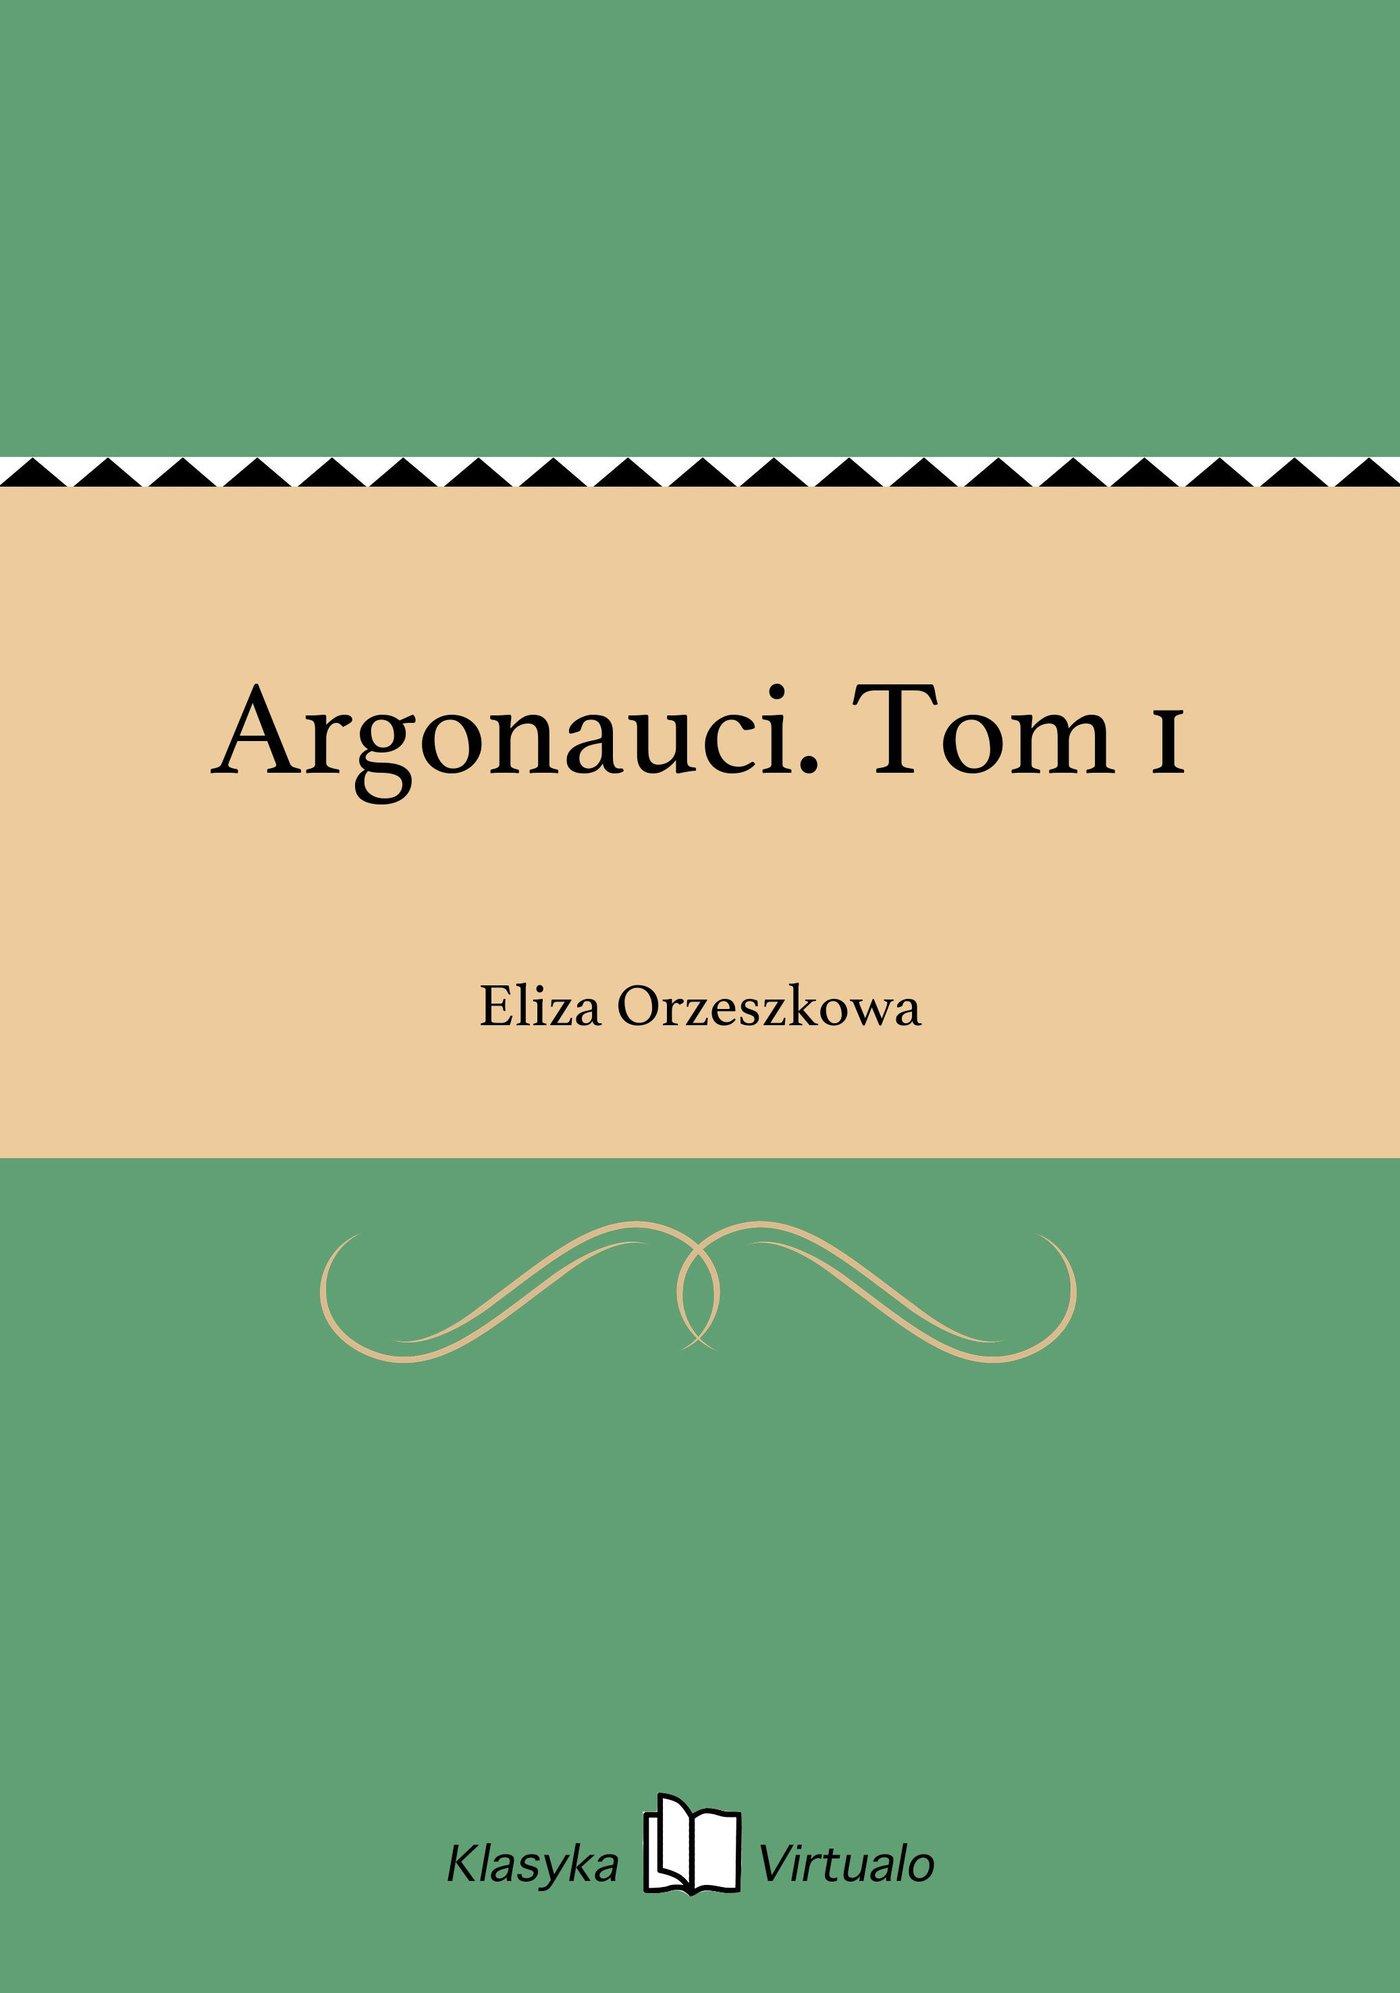 Argonauci. Tom 1 - Ebook (Książka EPUB) do pobrania w formacie EPUB